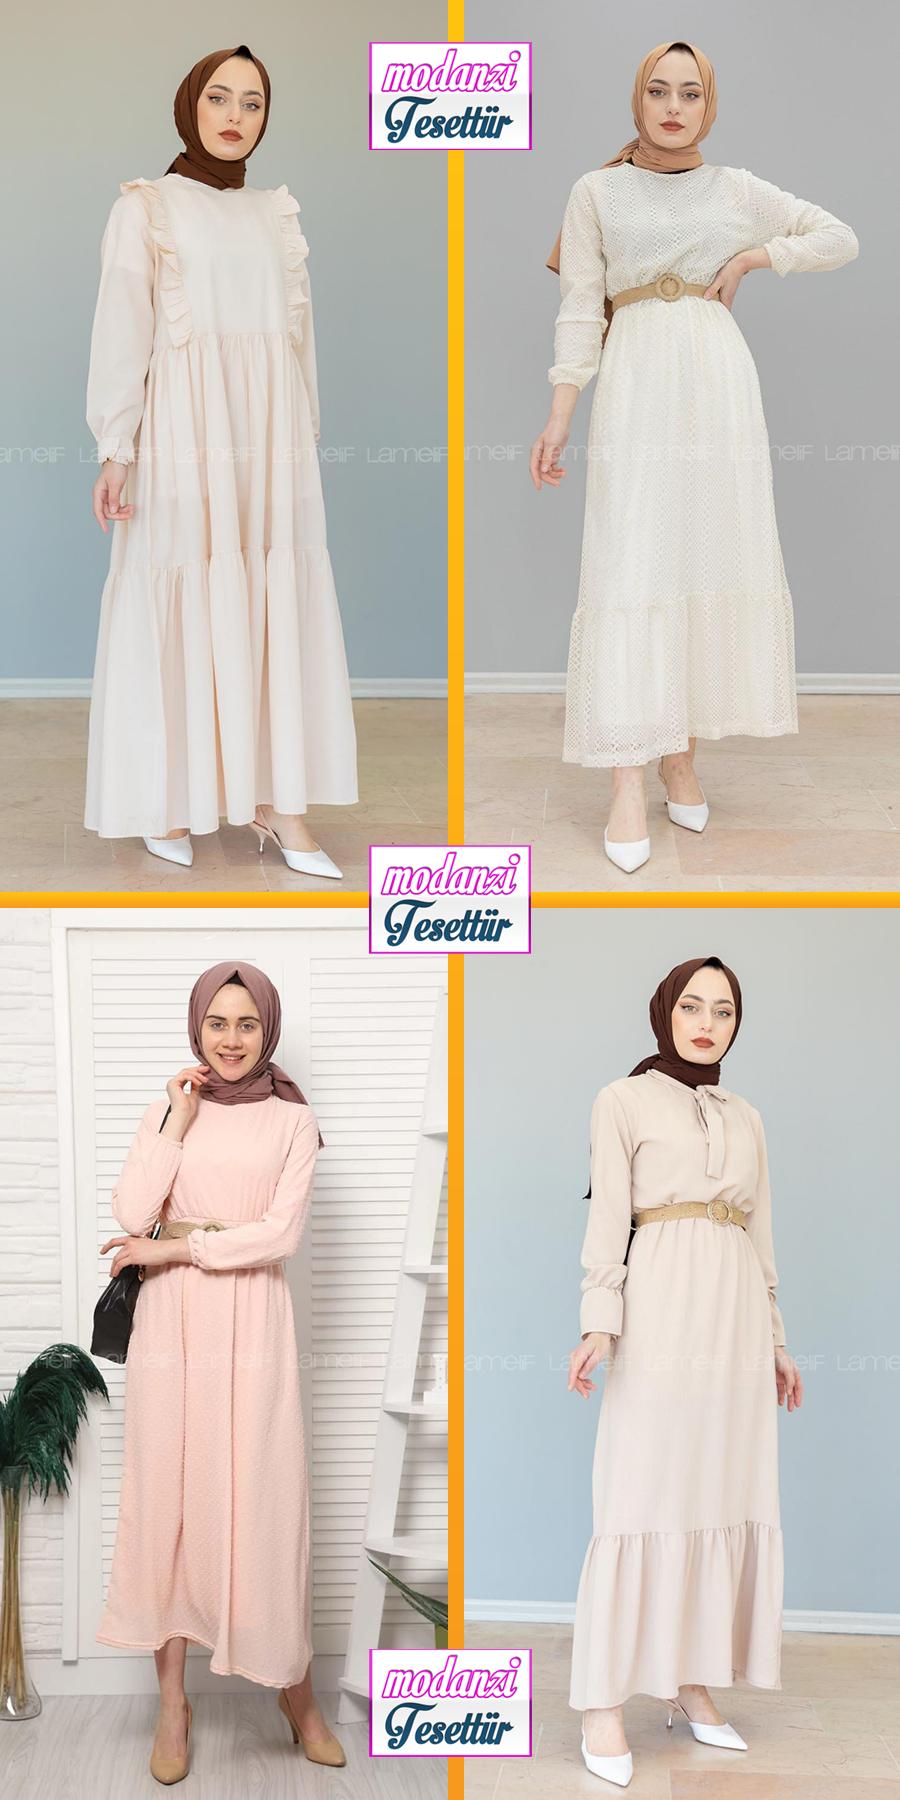 Lamelif Tesettur Elbise Modelleri 5 2020 Reformation Clothing Lamelif Elbise 2020 Elbise Elbise Modelleri Basortusu Modasi